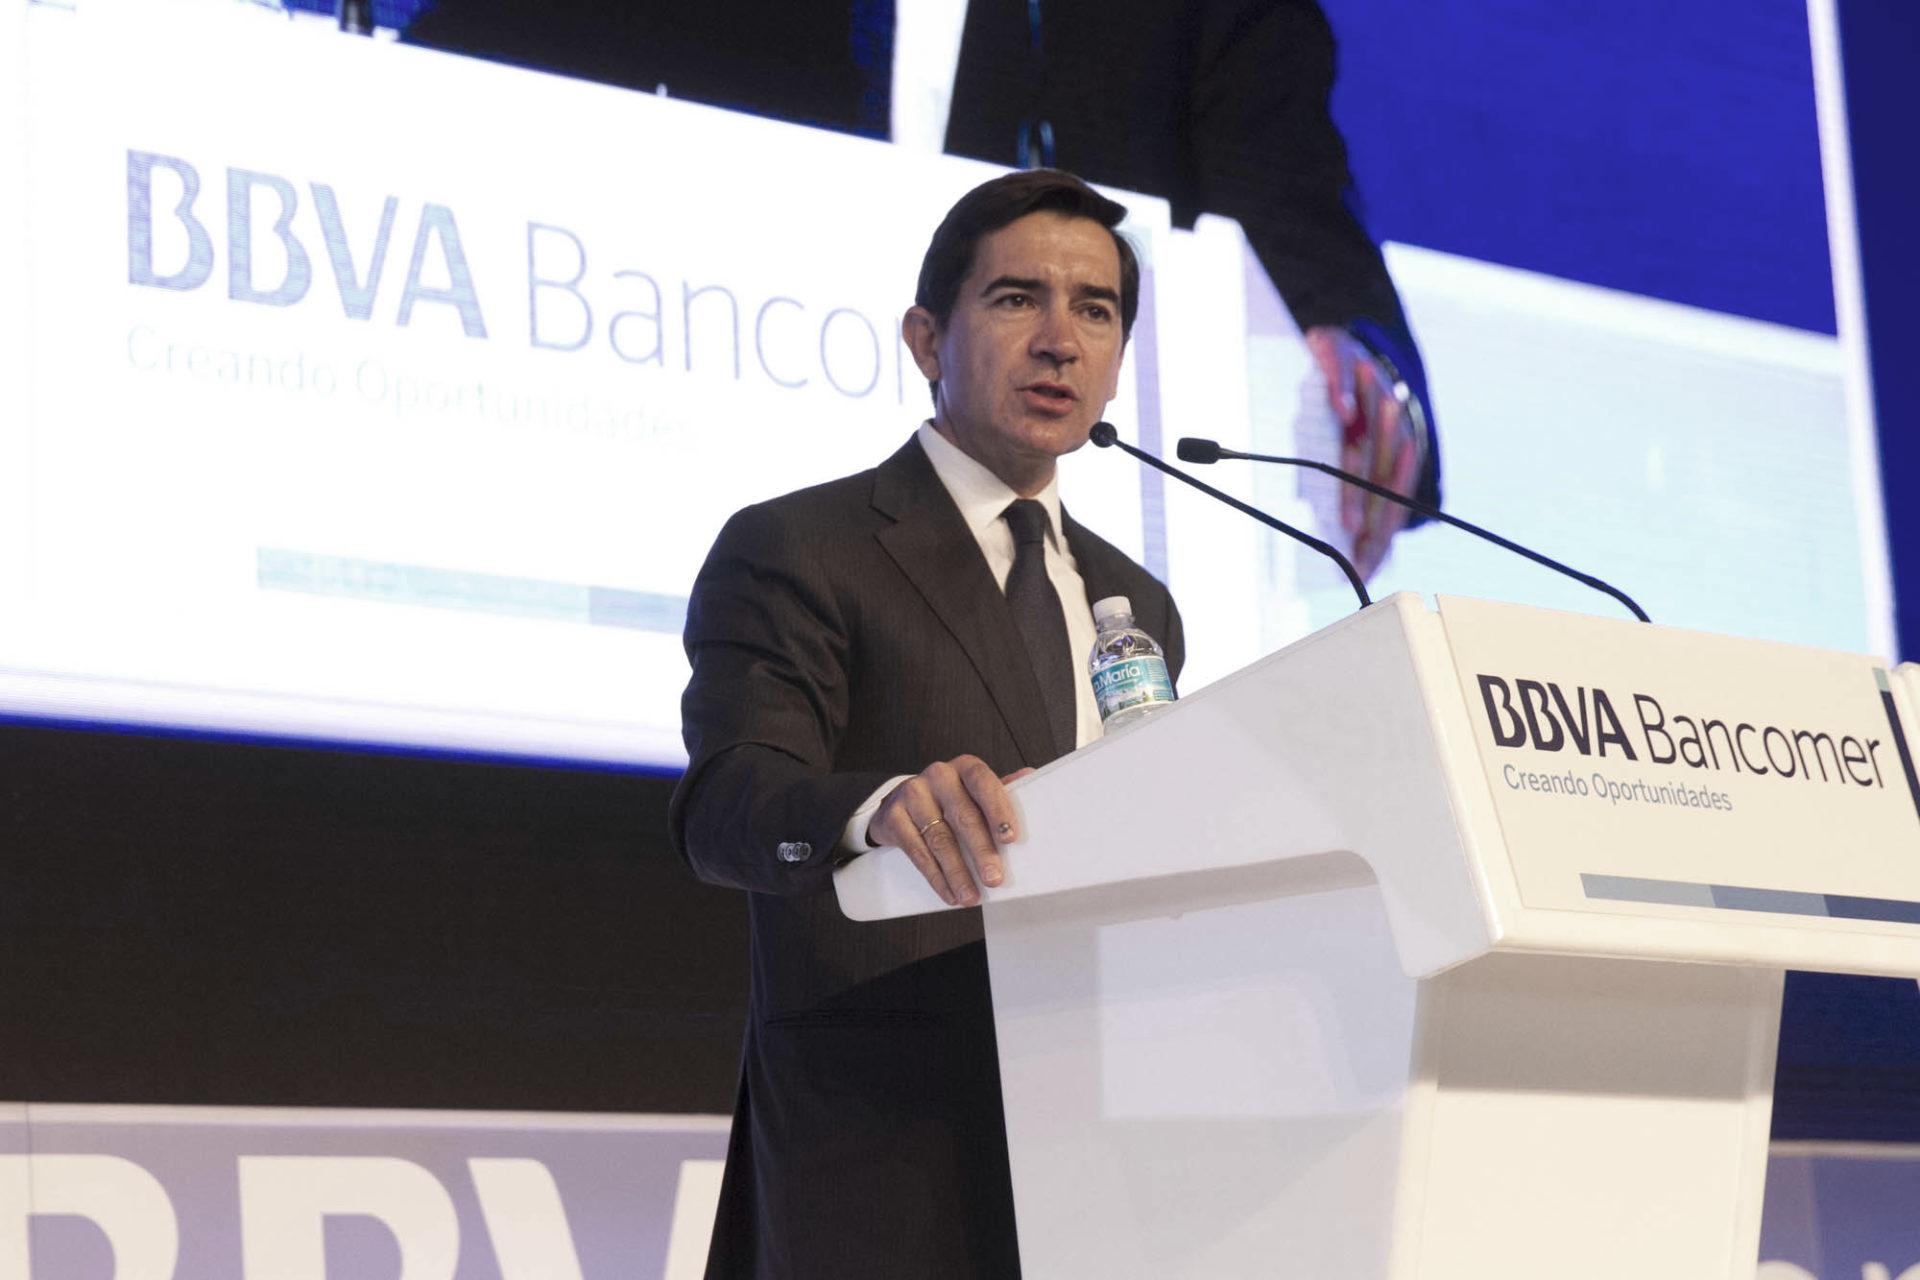 BBVA_bancomer-carlos-torres-vila-300517